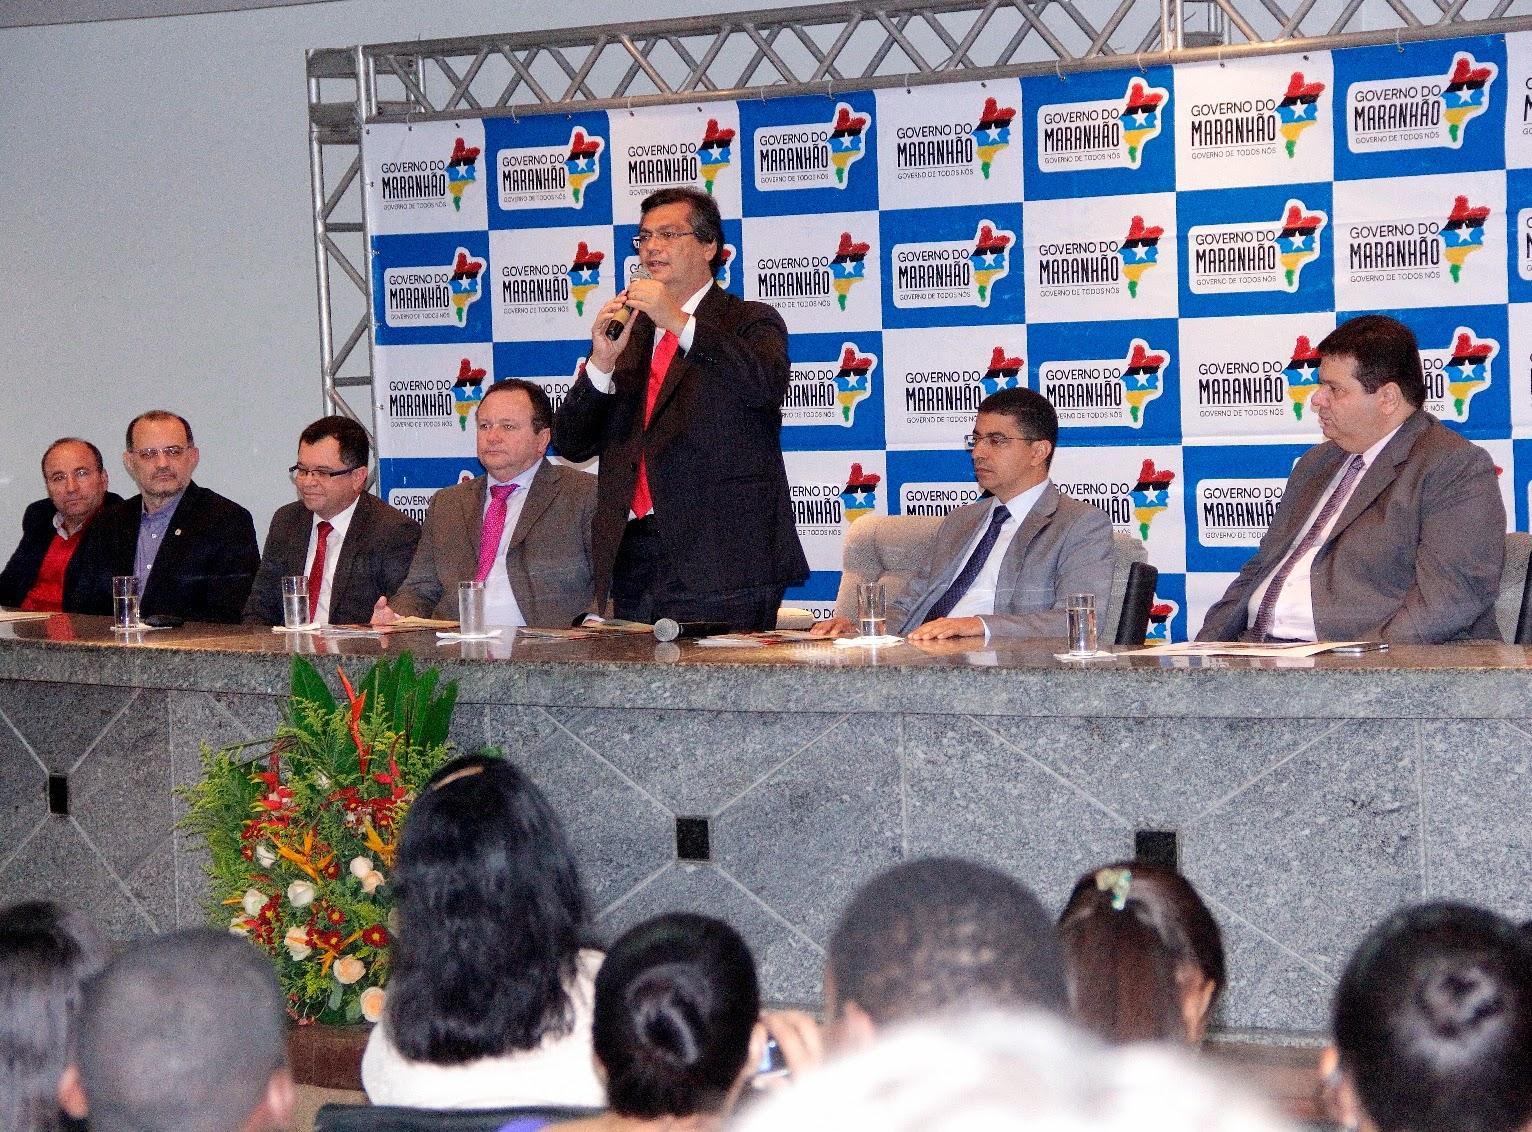 Primeiras cidades do Maranhão a receber o IEMA – Instituto Estadual de Educação, Ciência e Tecnologia